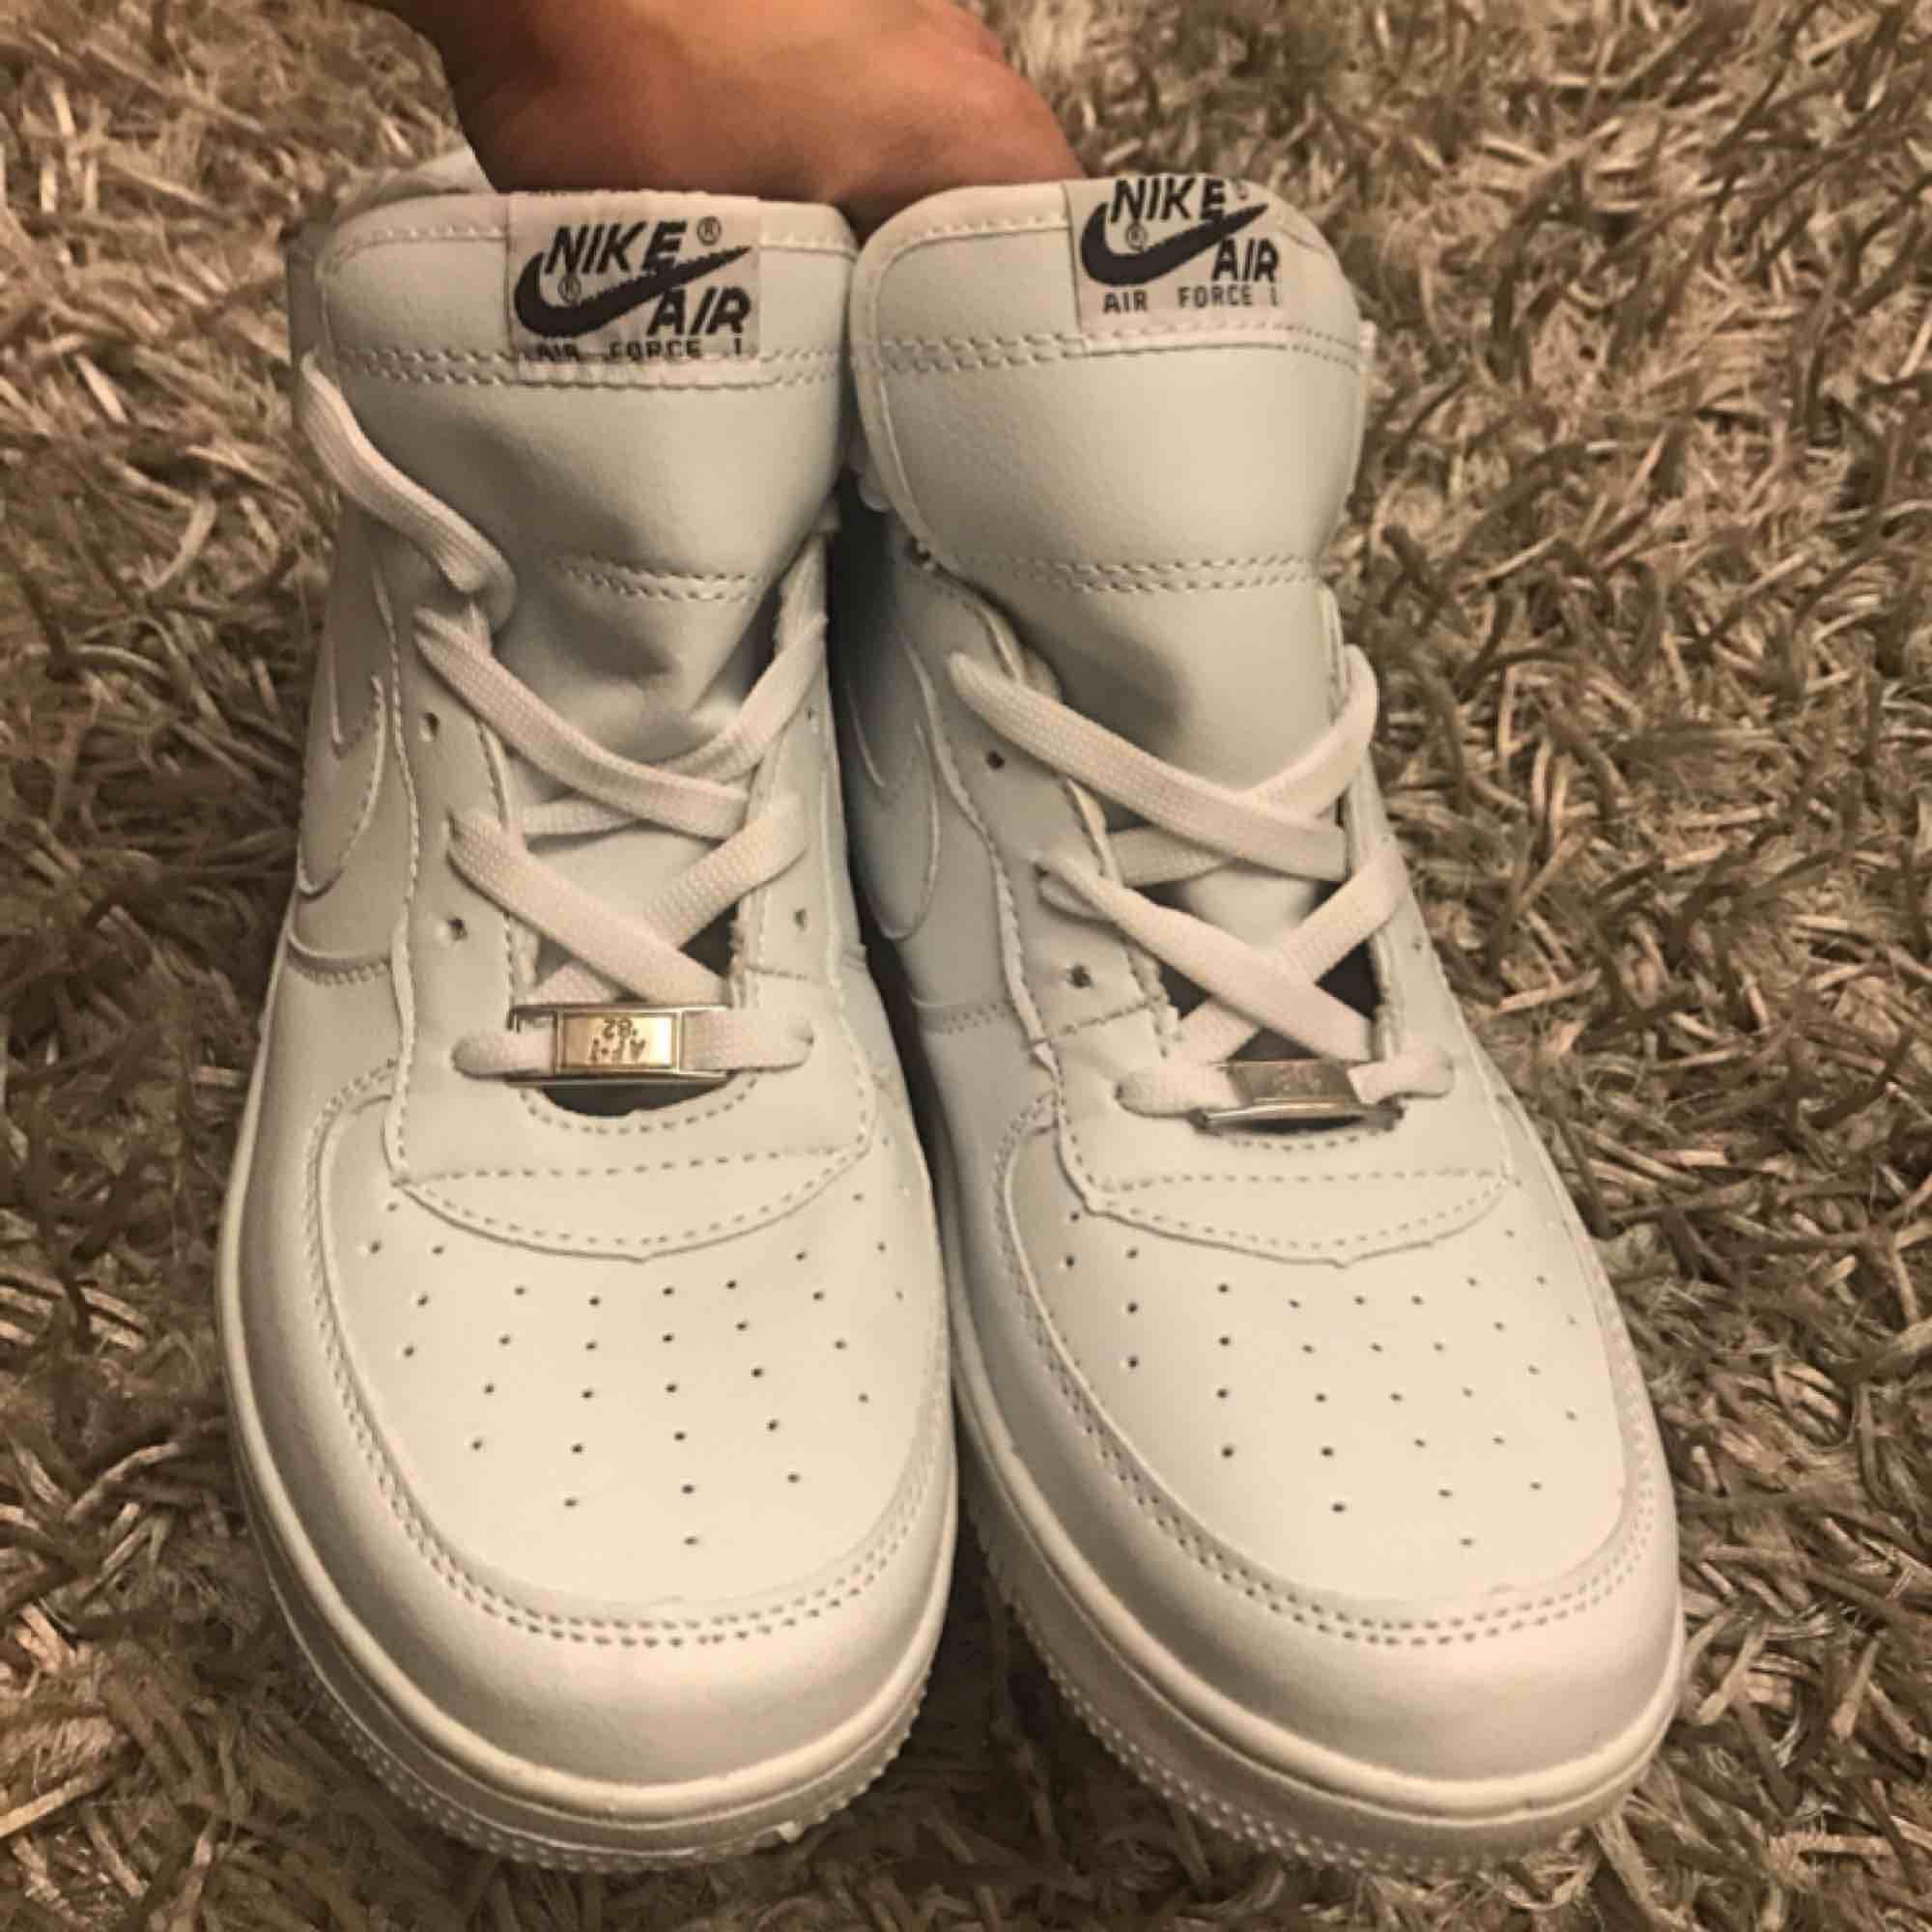 d8922884c72 Står st 41a Helt nya och oanvända sneakers i storlek 41(40) säljes.